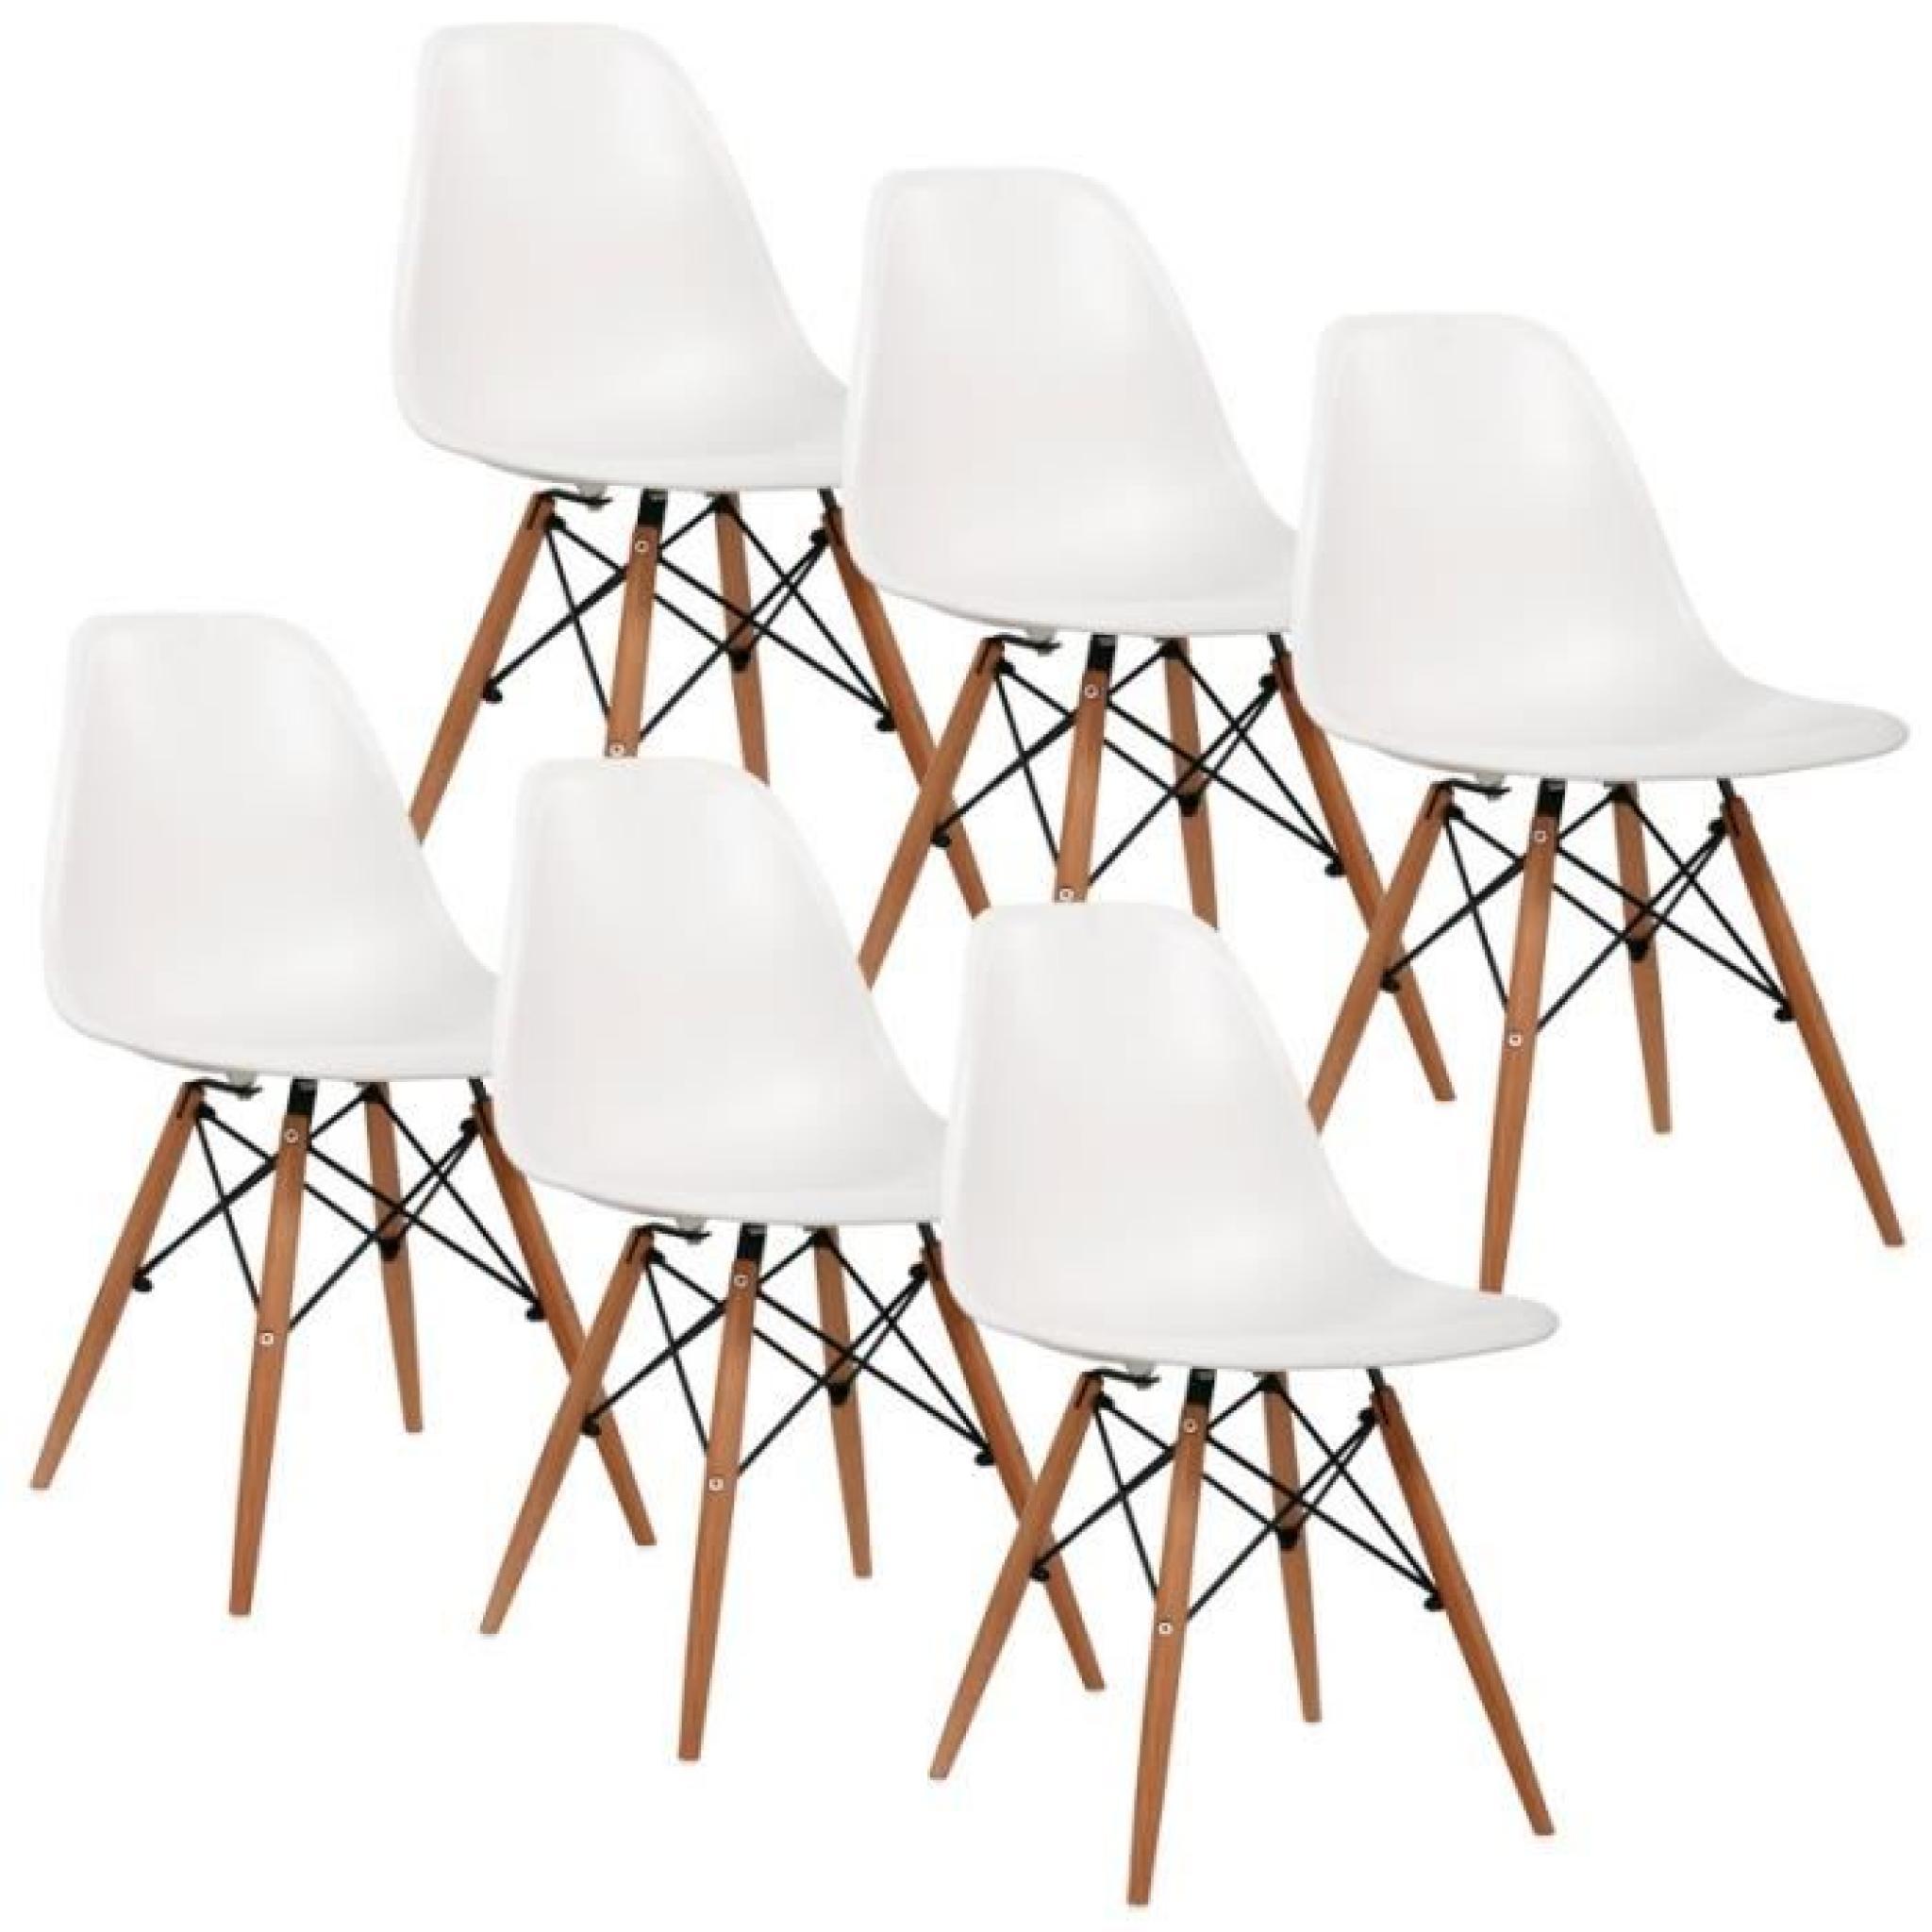 Chaise Design Blanche Pieds En Bois RETRO Lot De 6